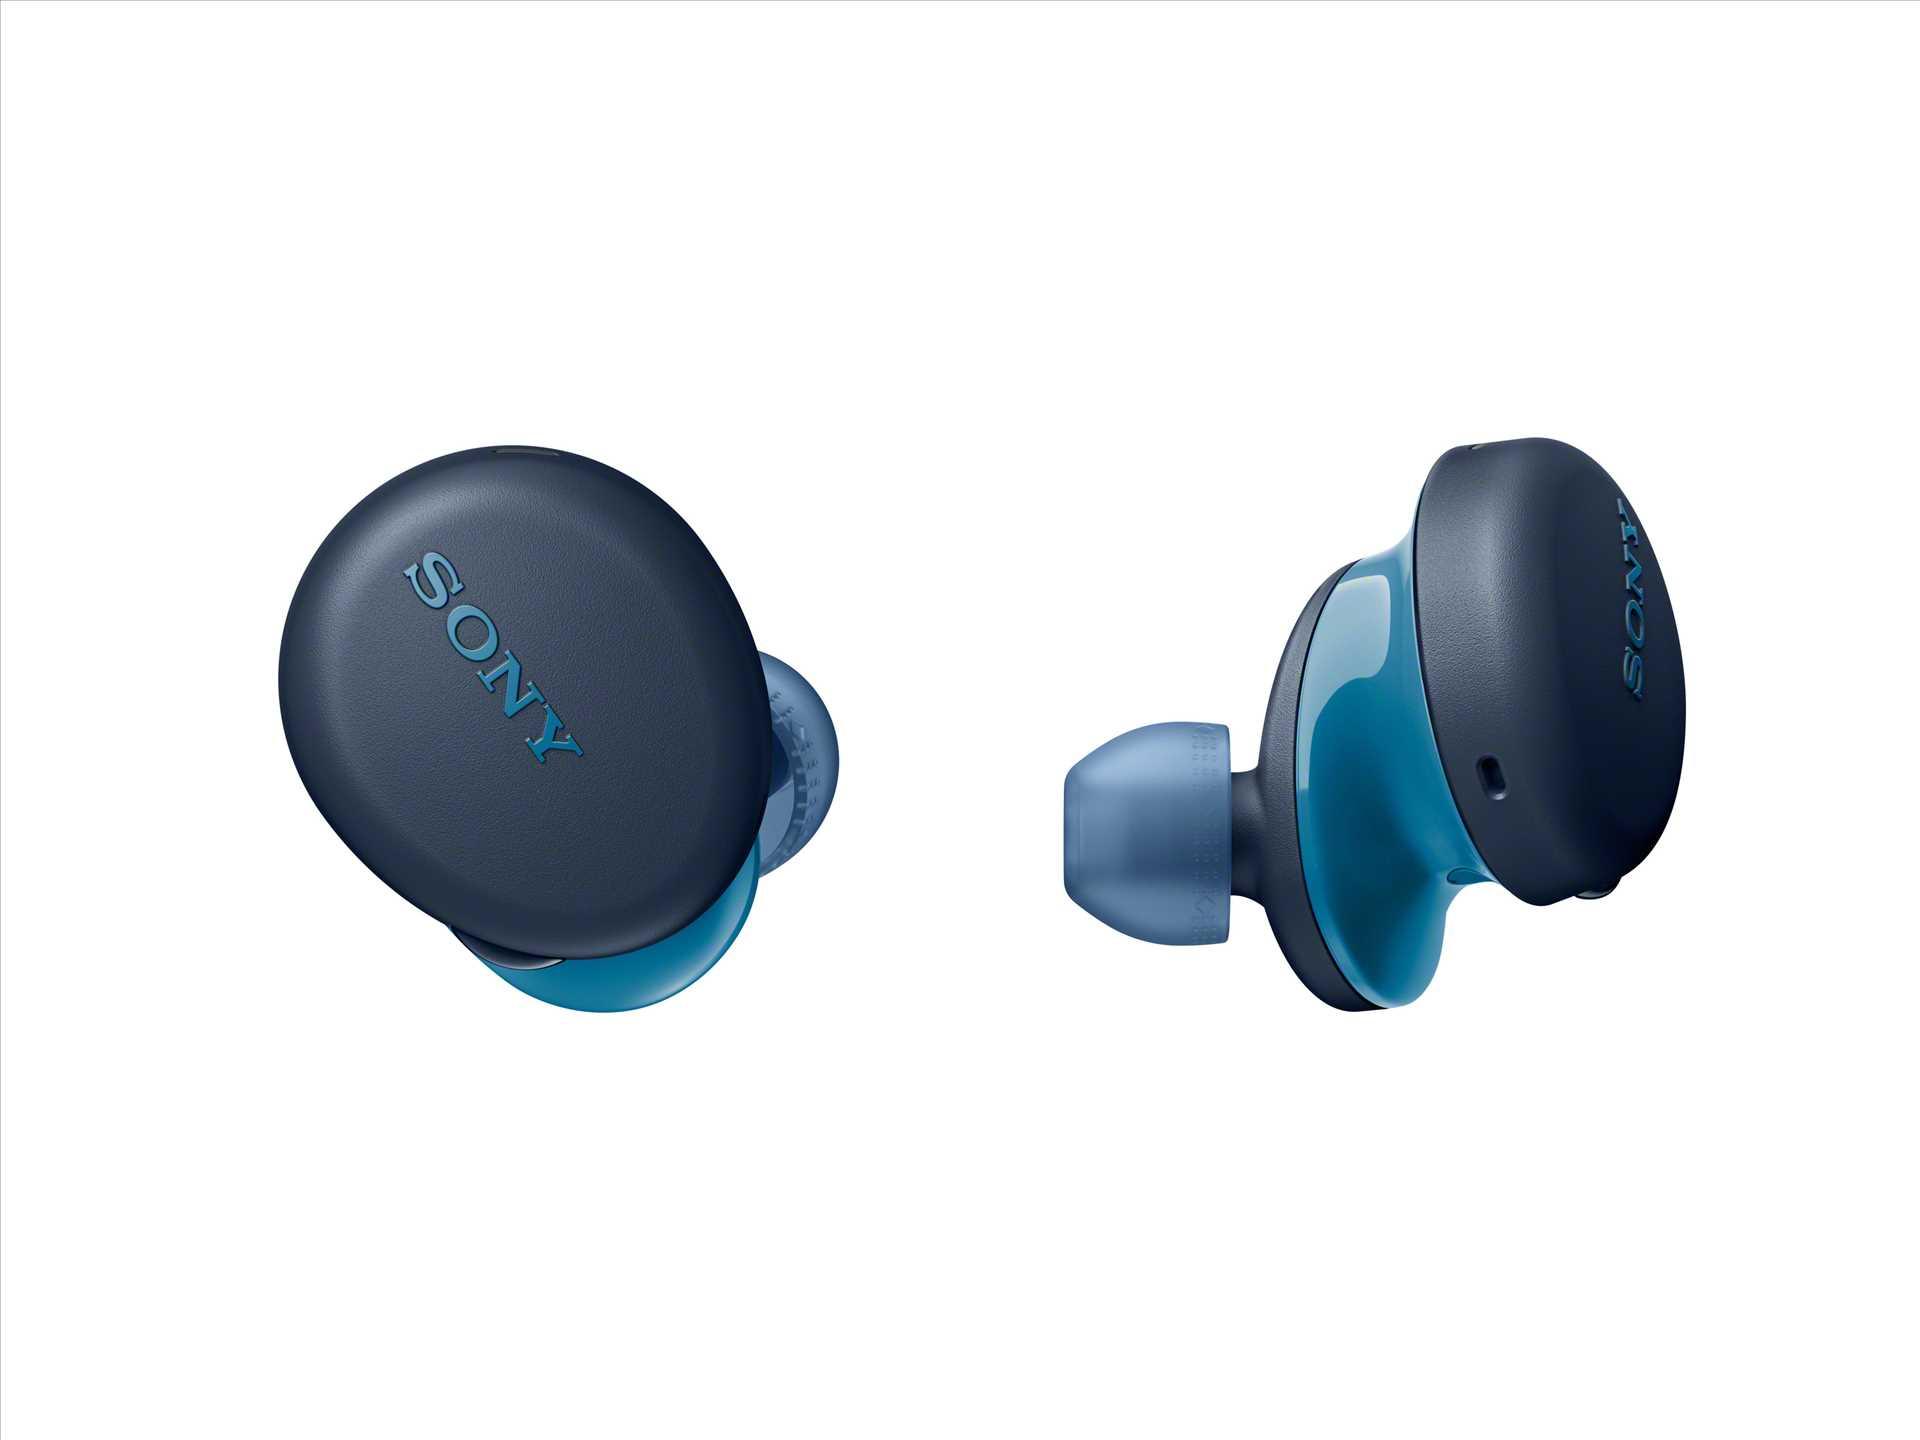 אוזניות Sony WF-XB700L True Wireless סוני כחולות - תמונה 8